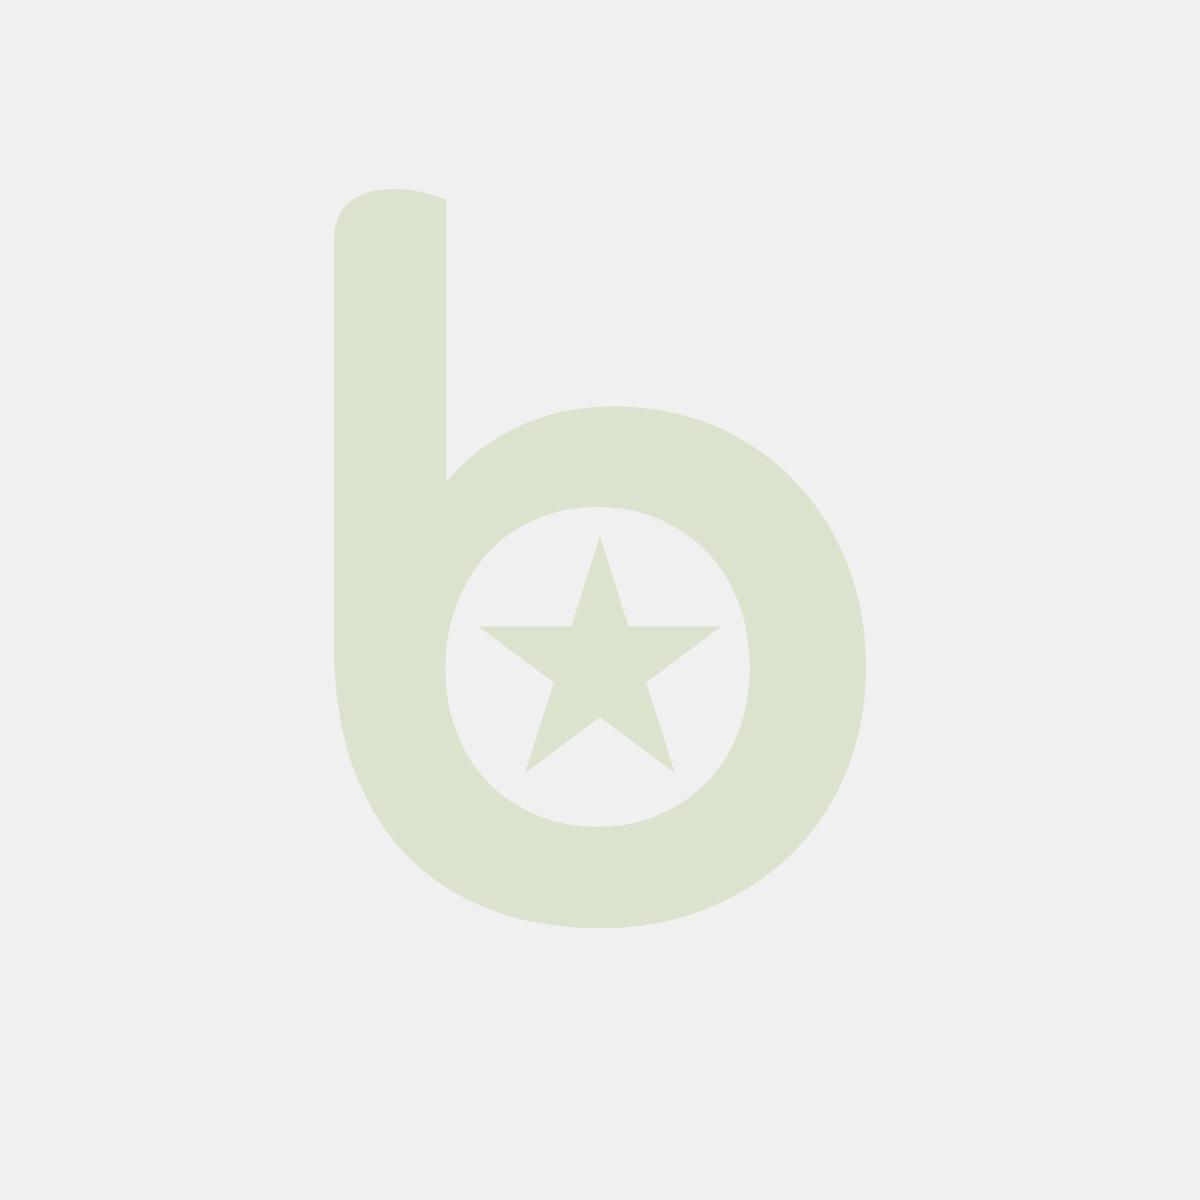 Nalewak stalowy długi - kod 590140